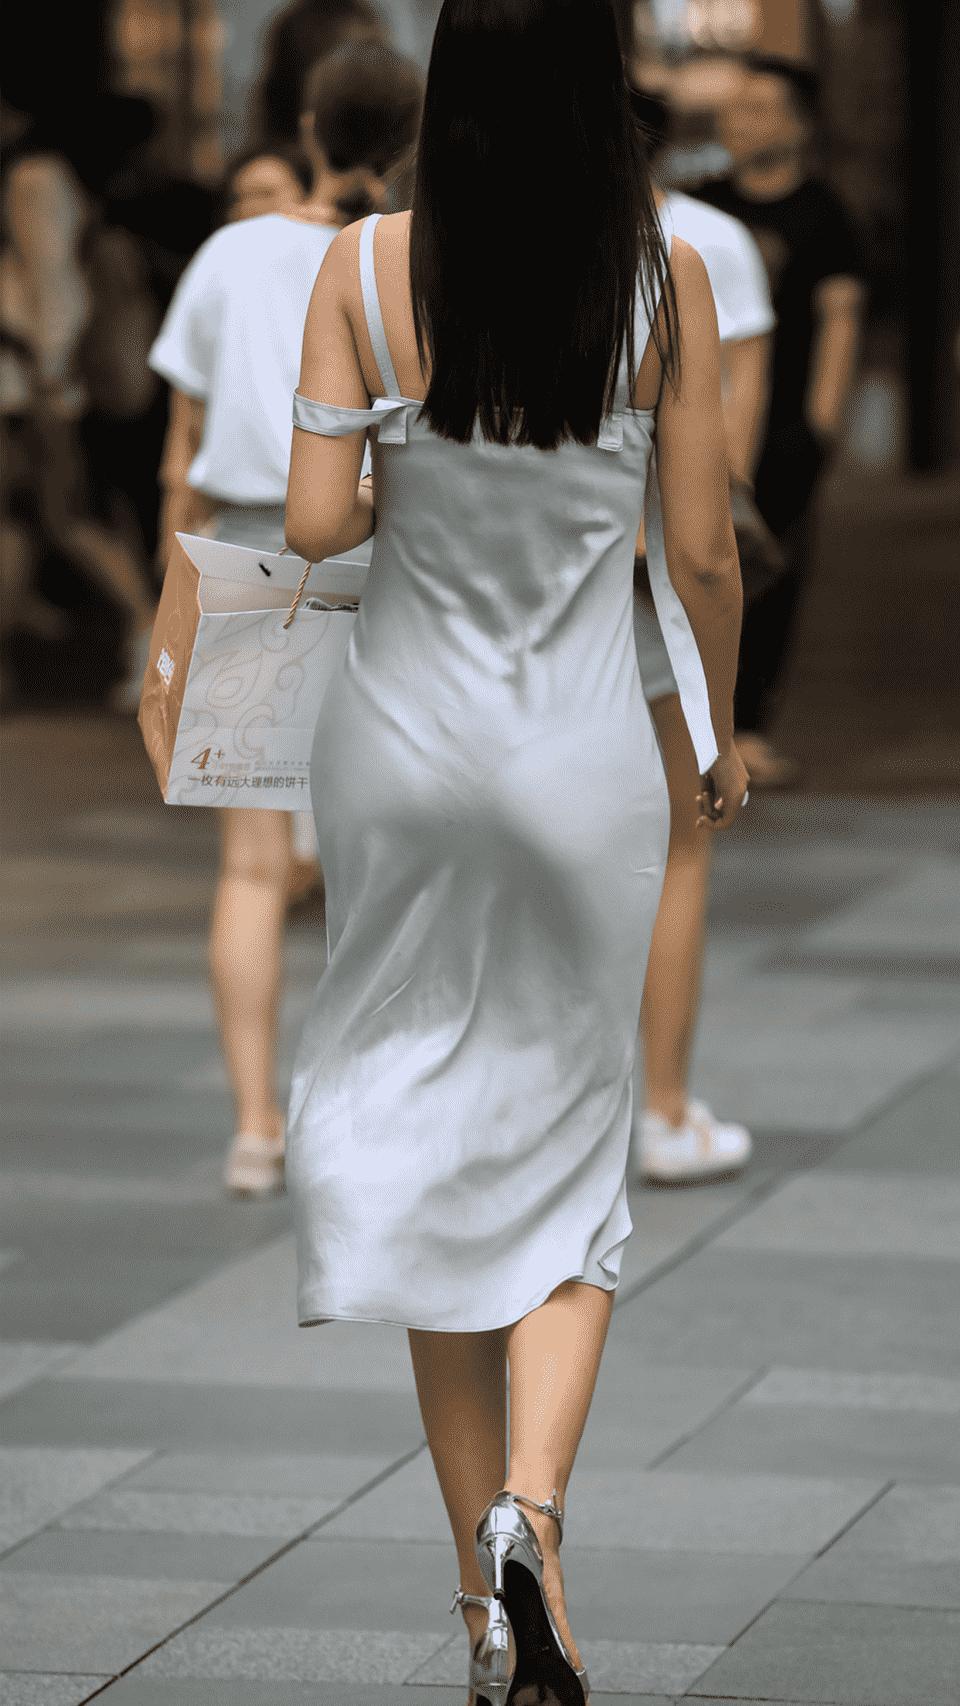 """Thảm họa váy bám chặt người, hằn nội y xuất hiện như """"nấm mọc sau mưa"""" trên đường phố - 3"""